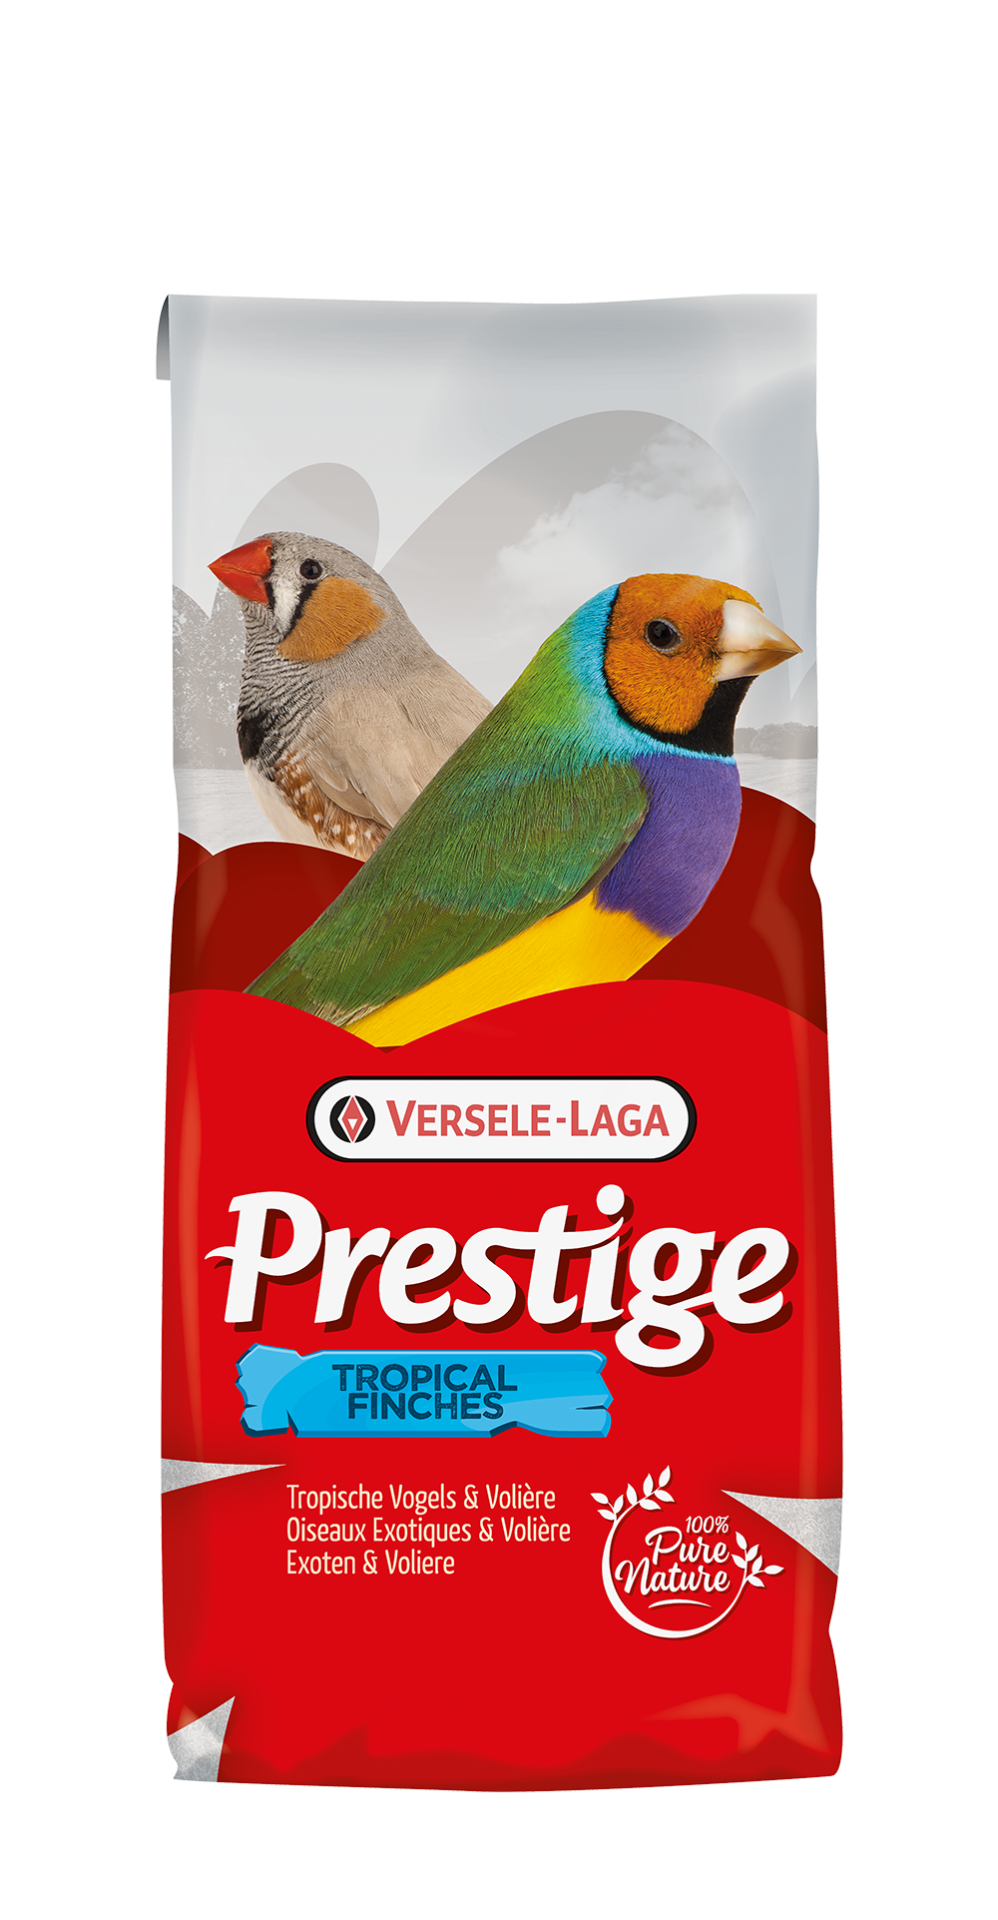 Versele-Laga Prestige Tropische Vogels Australische Prachtvinken 20 kg